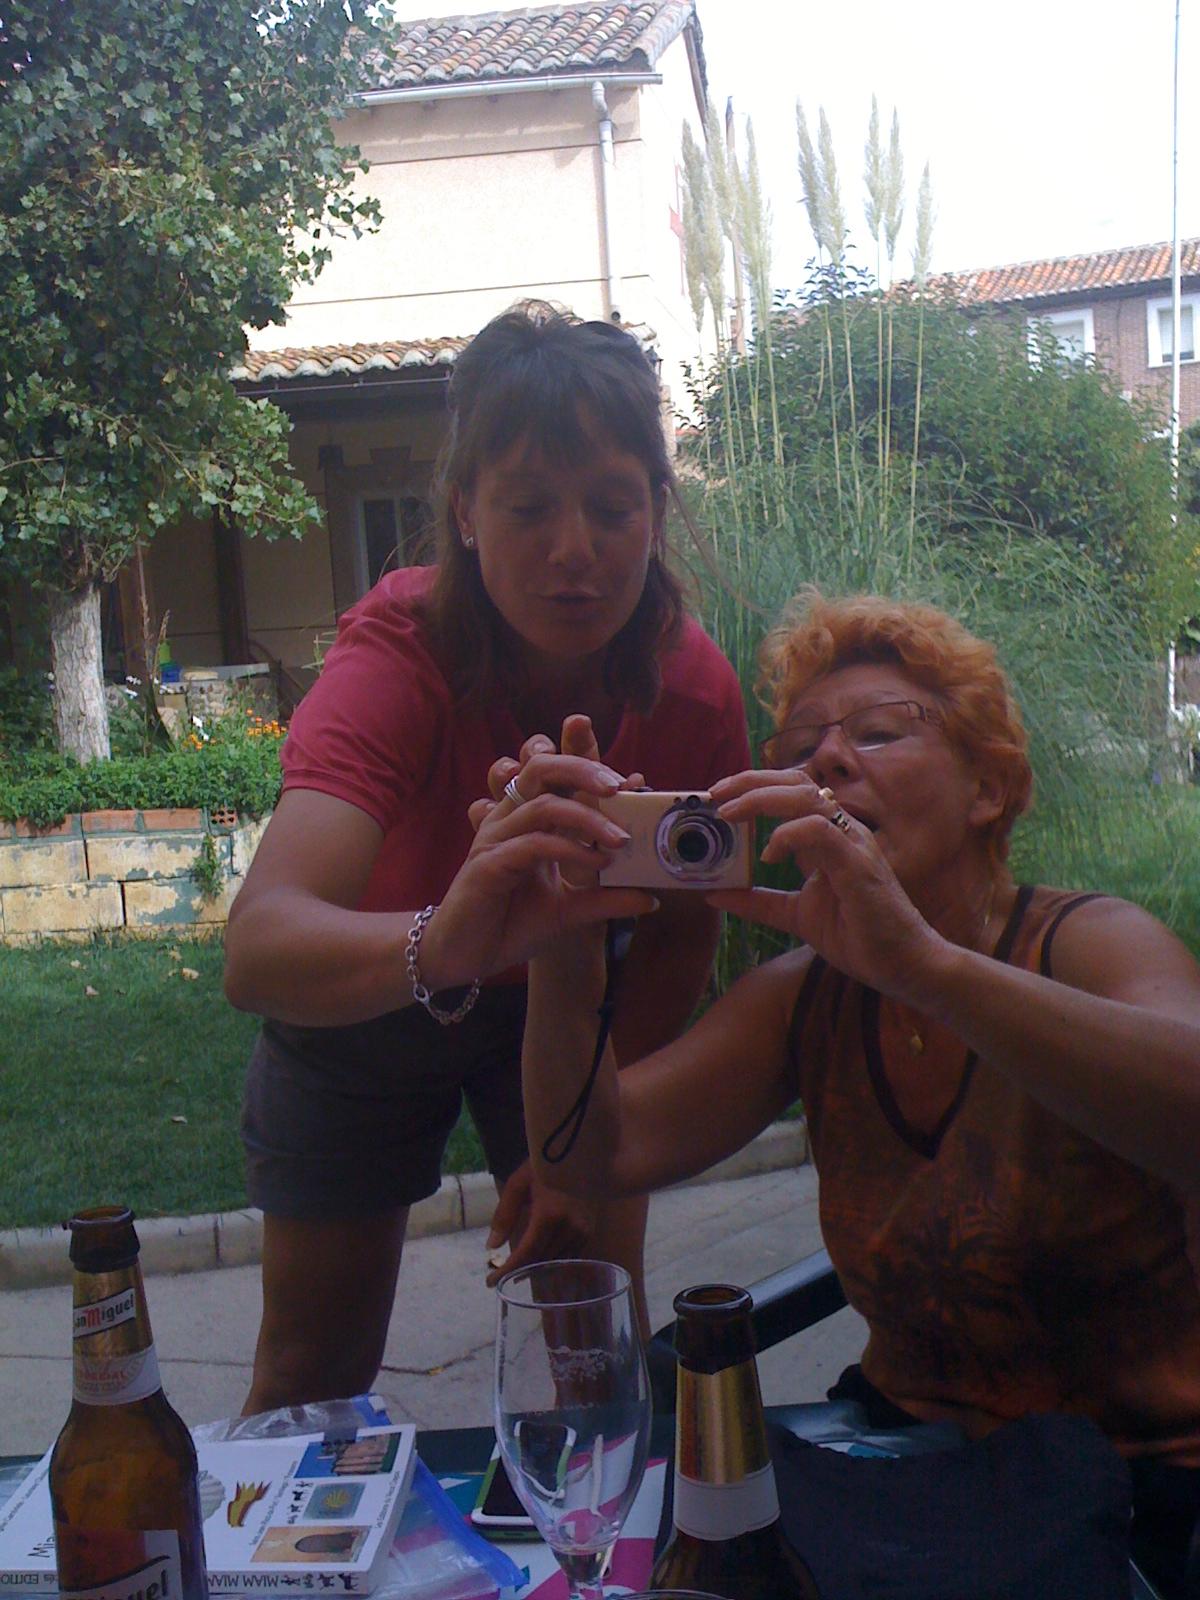 Carolin und Pumuckel beim einstellen der Kamera